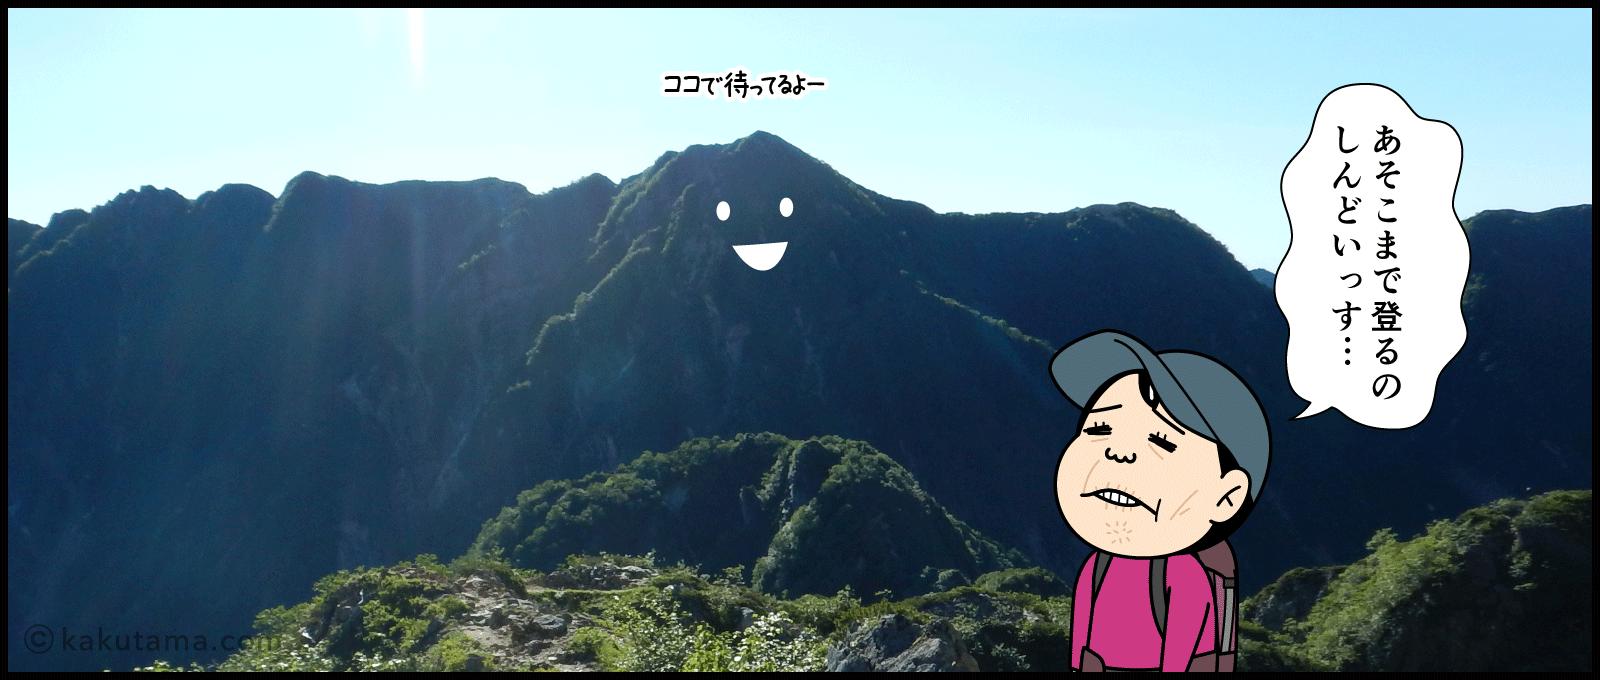 これからの登り返しを考えると凹む登山者の漫画